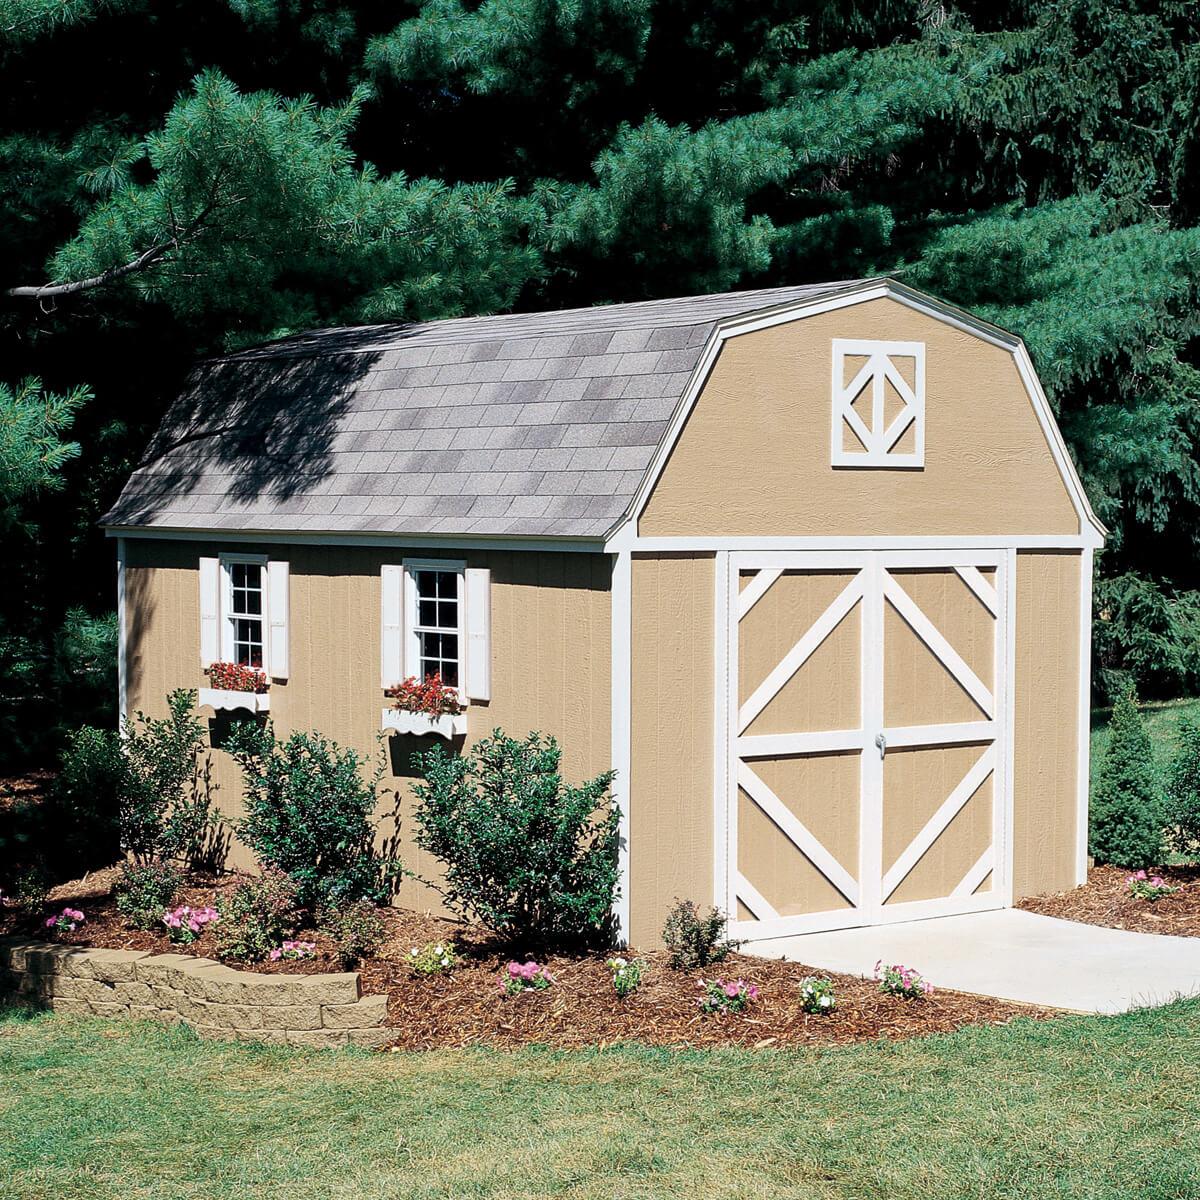 Sheds For Yard Storage Or Backyard Workshop